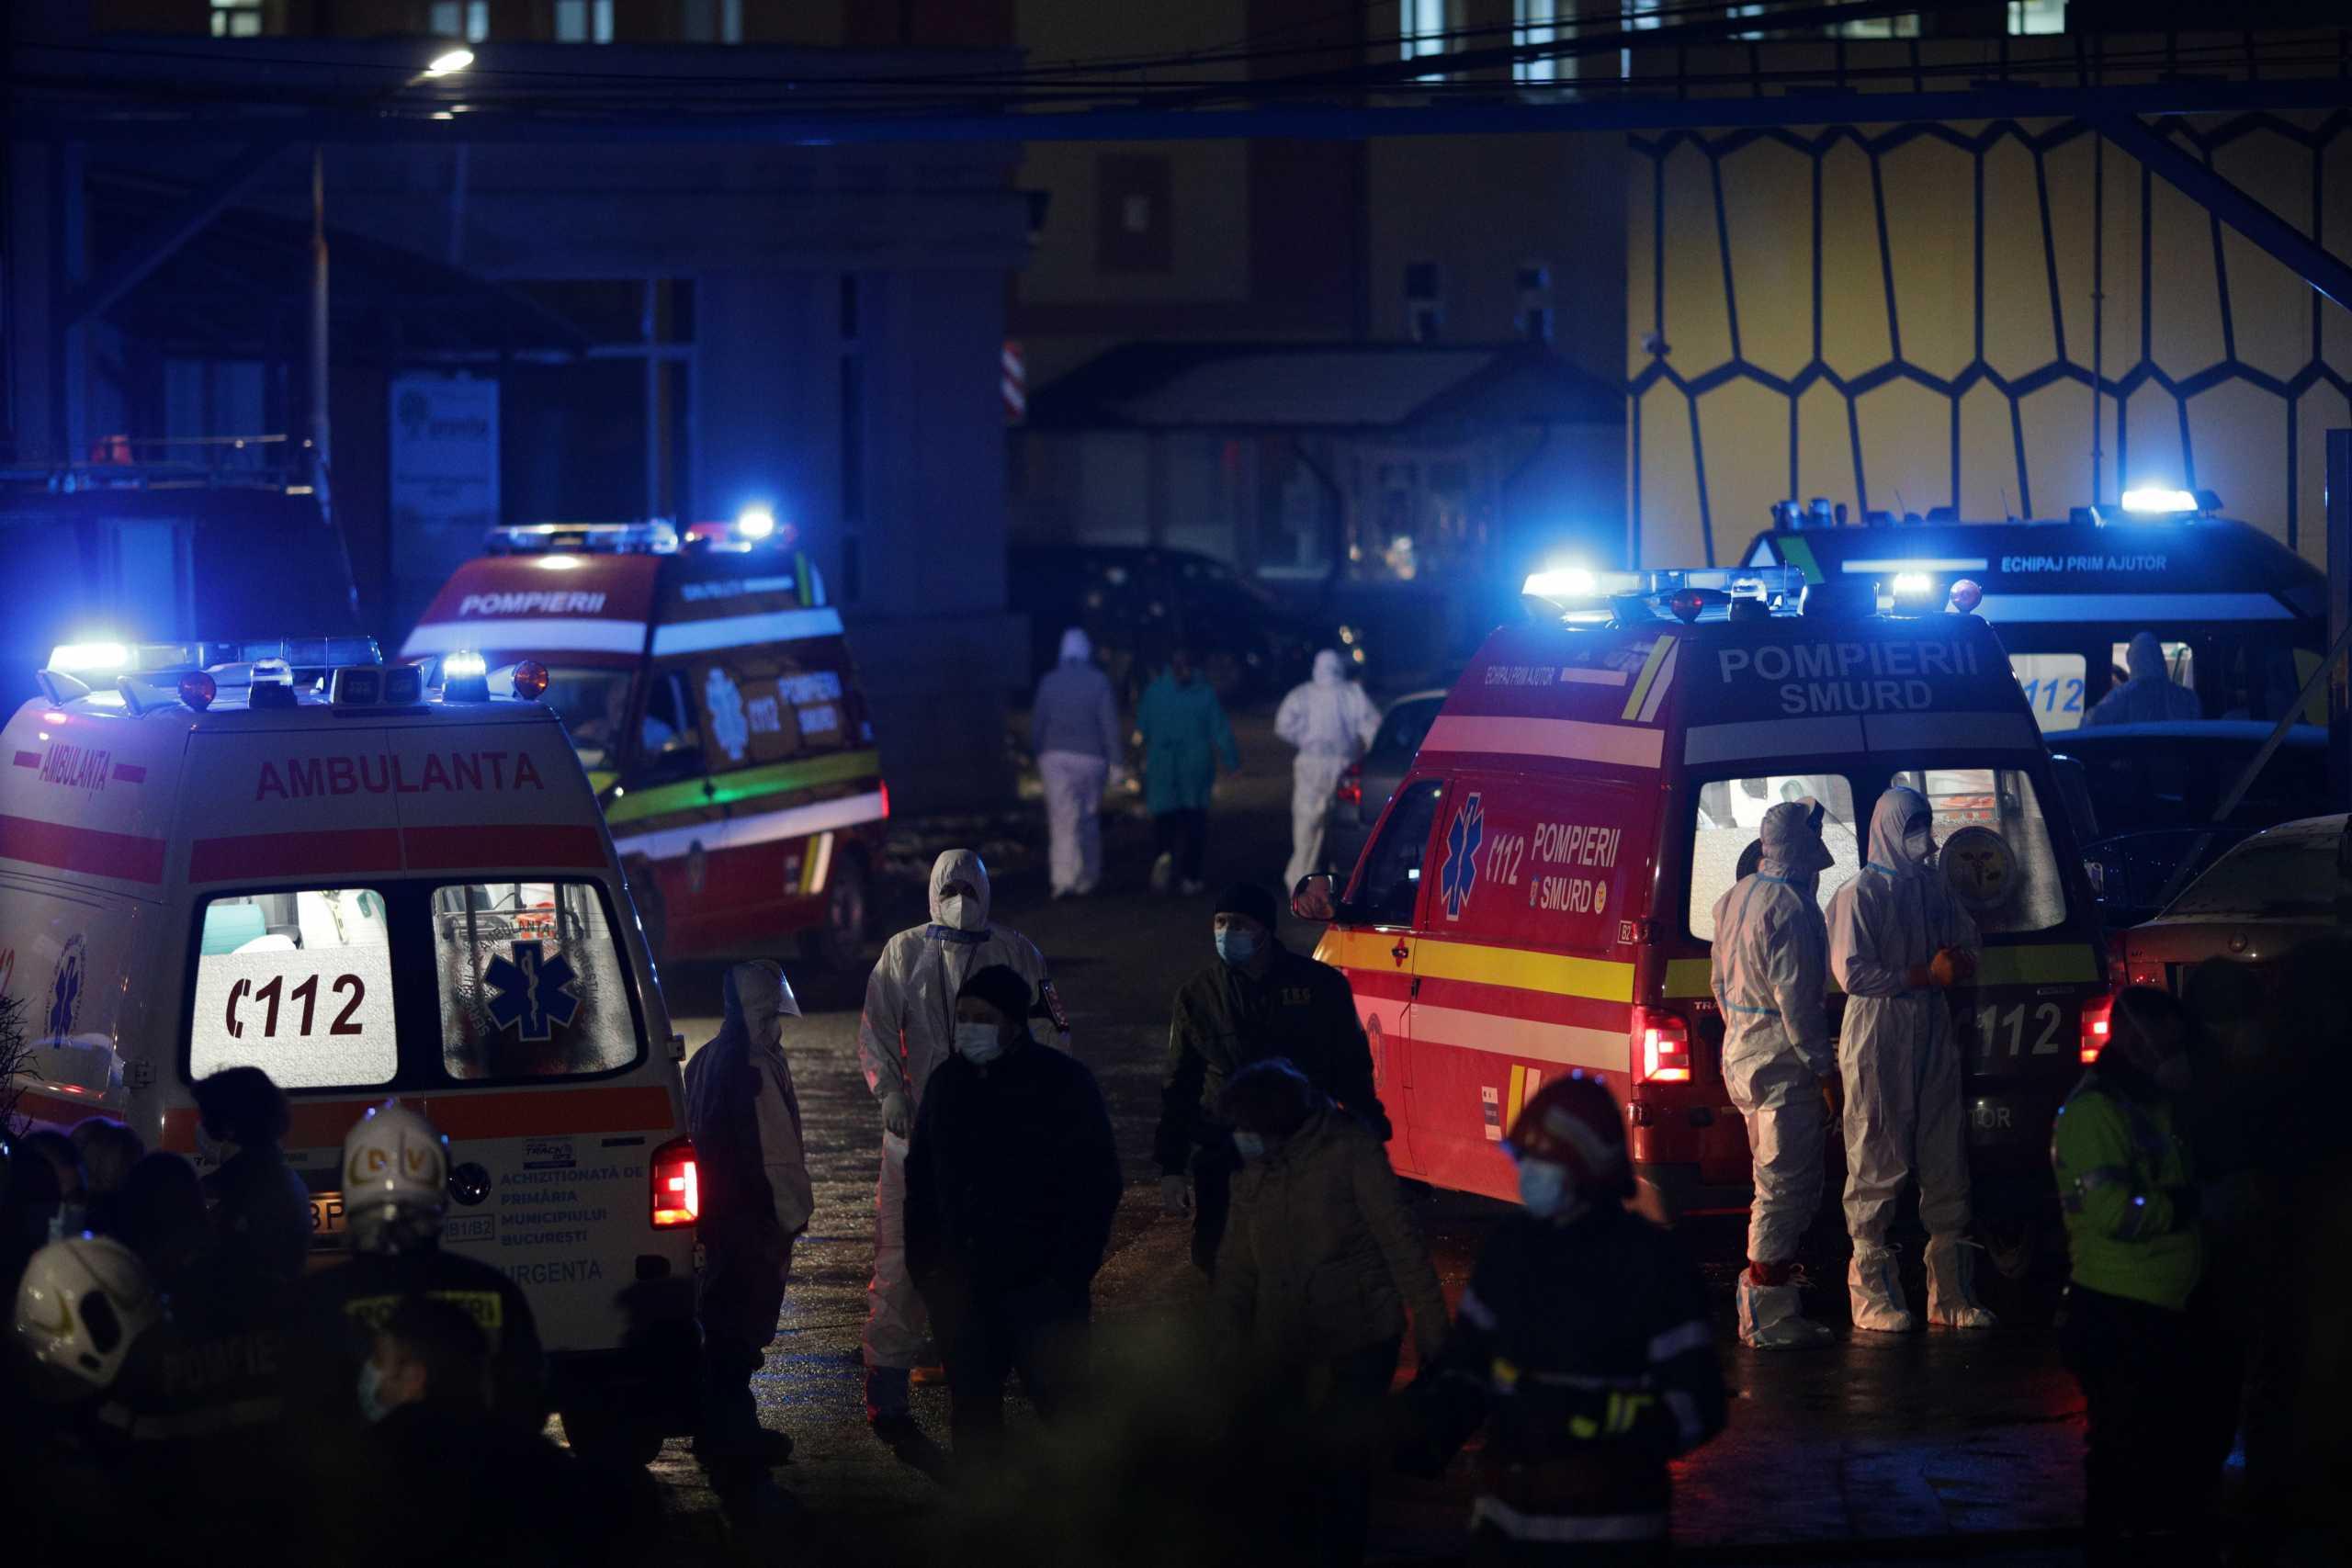 Τραγωδία στη Ρουμανία: Τέσσερις ασθενείς με κορονοϊό πέθαναν σε φωτιά